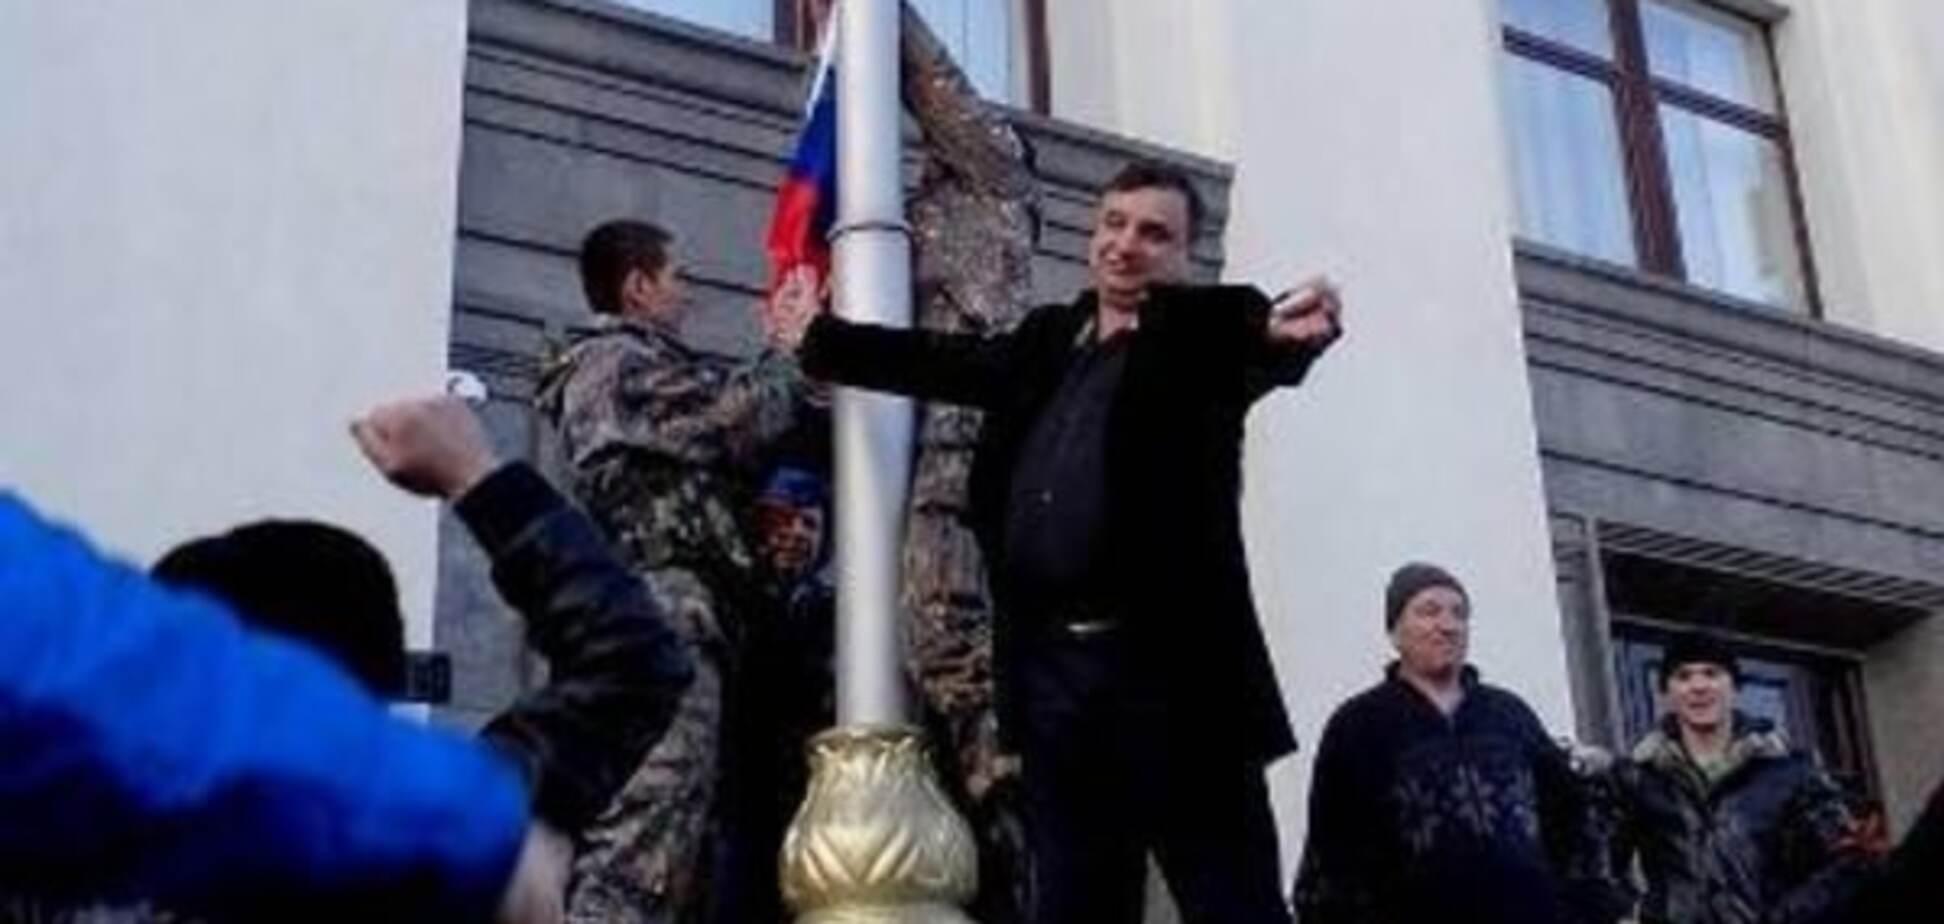 Поплічник луганських терористів Клінчаєв виявився власником трьох квартир у Києві